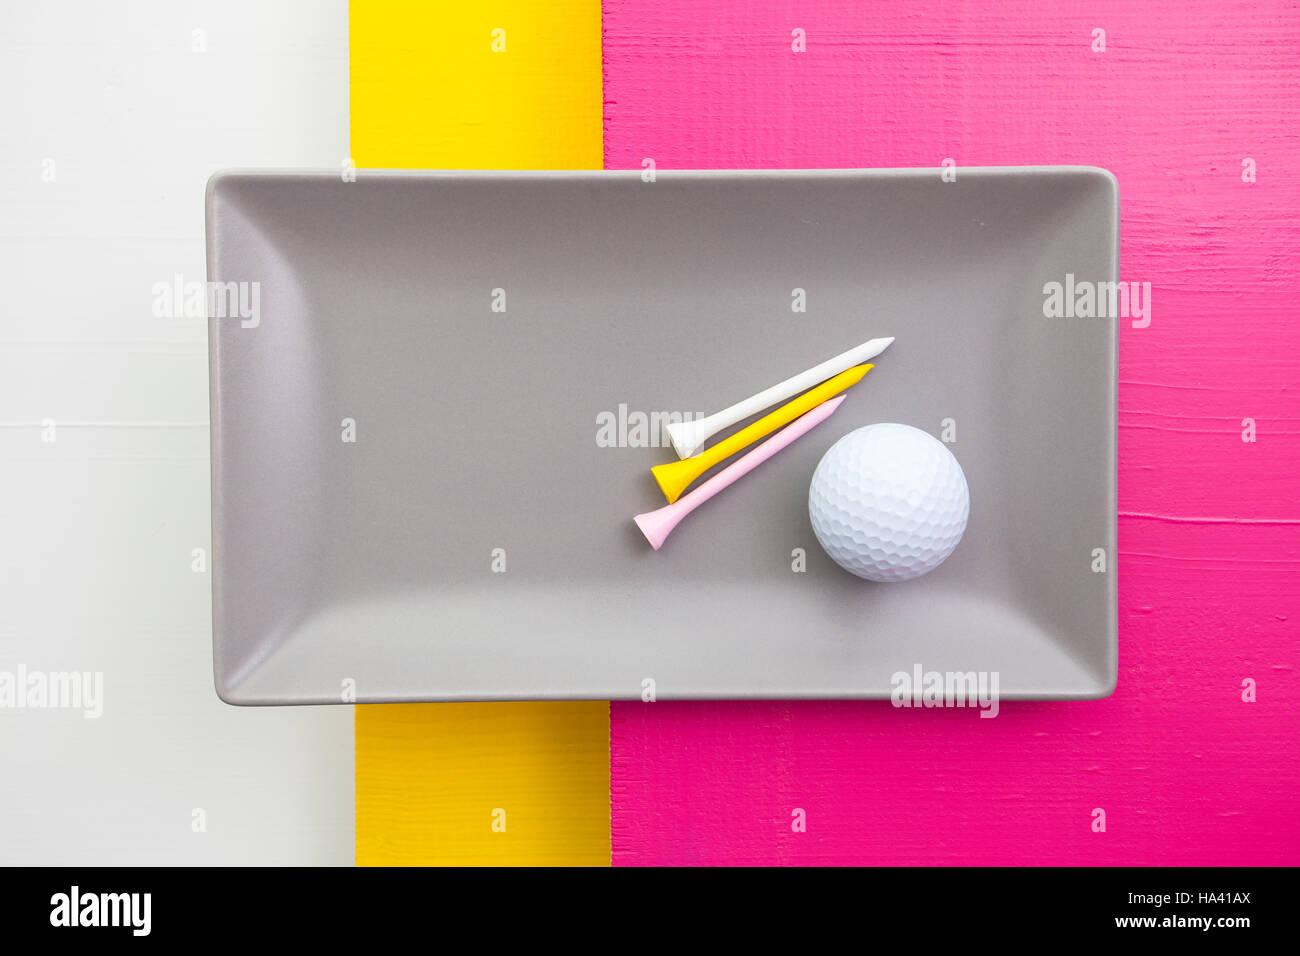 Plato de cerámica gris con equipos de golf en blanco, amarillo y rosa mesa de madera, rectangular dish Imagen De Stock